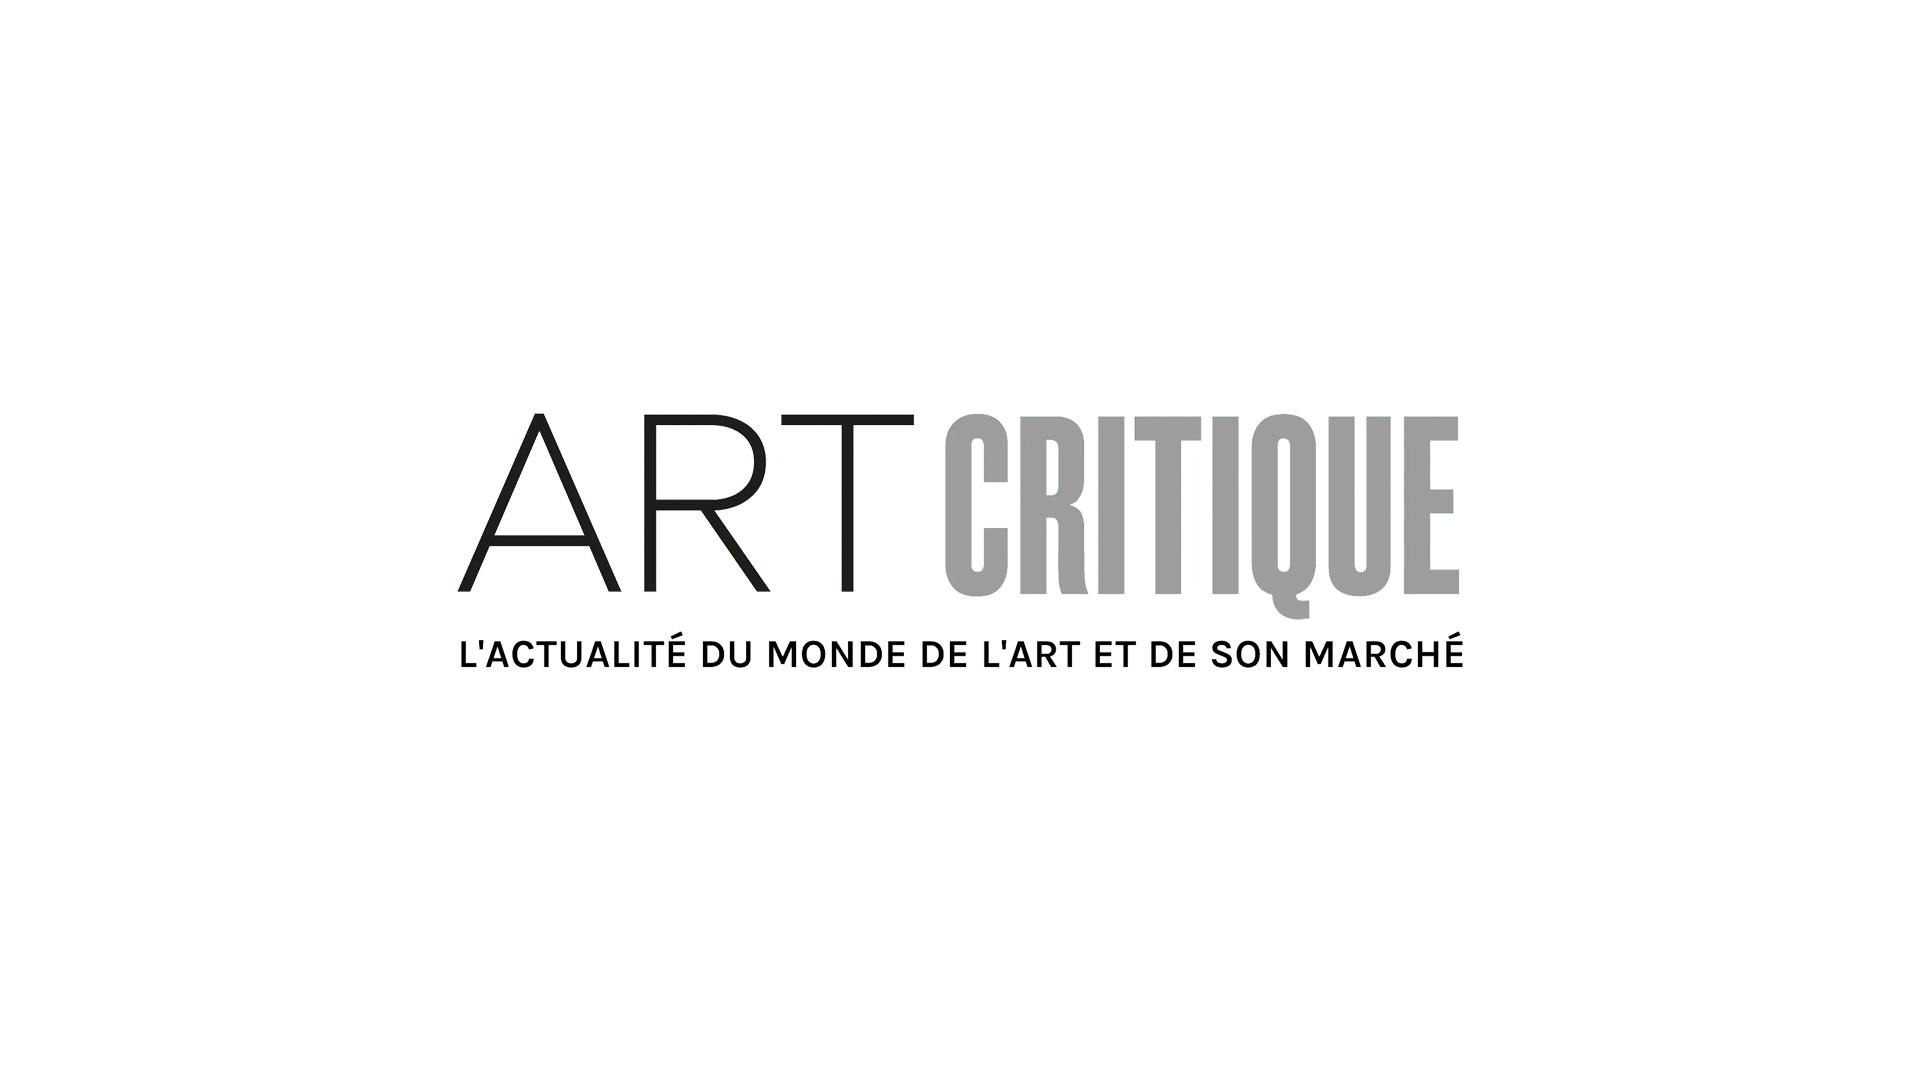 Goya s'invite au Palais des Beaux-Arts de Lille